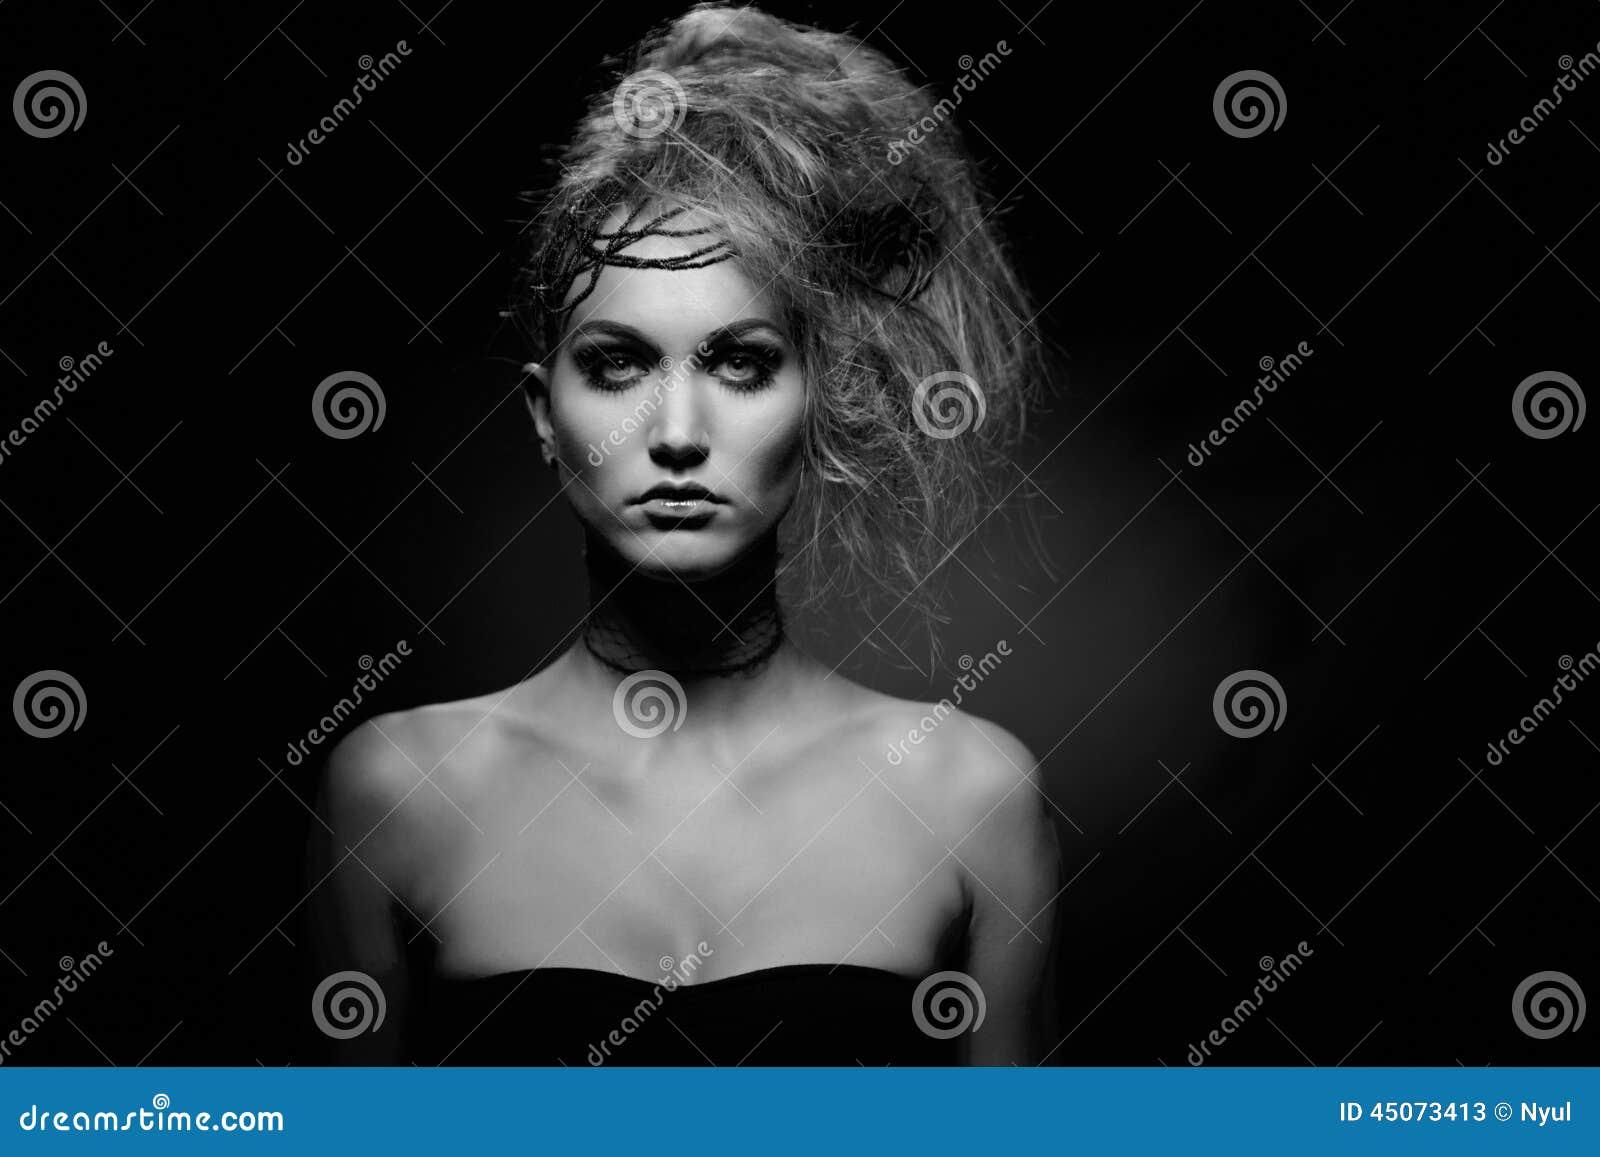 Portrait of woman in halloween makeup